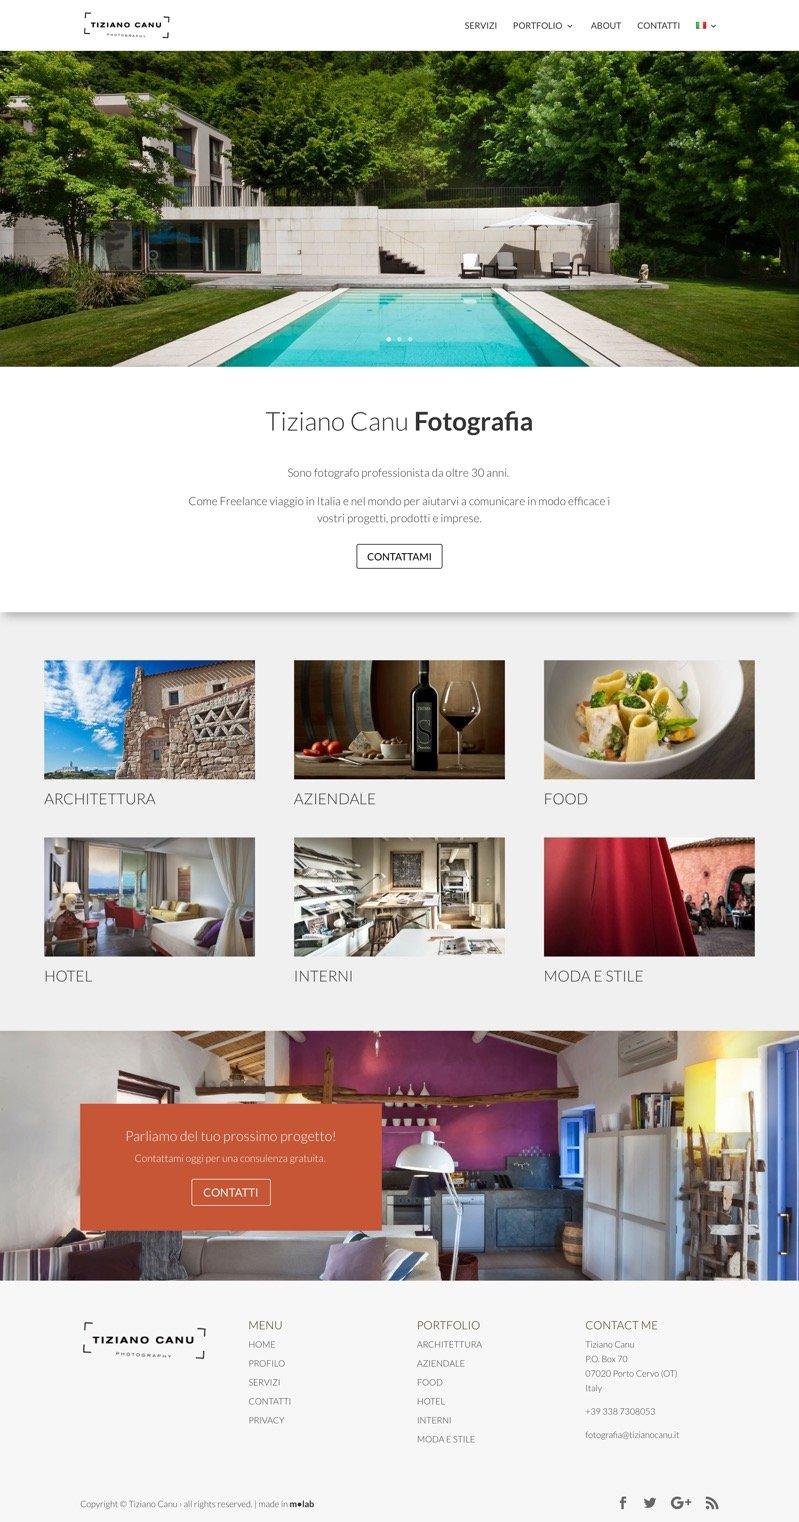 schermata del sito TizianoCanu.it